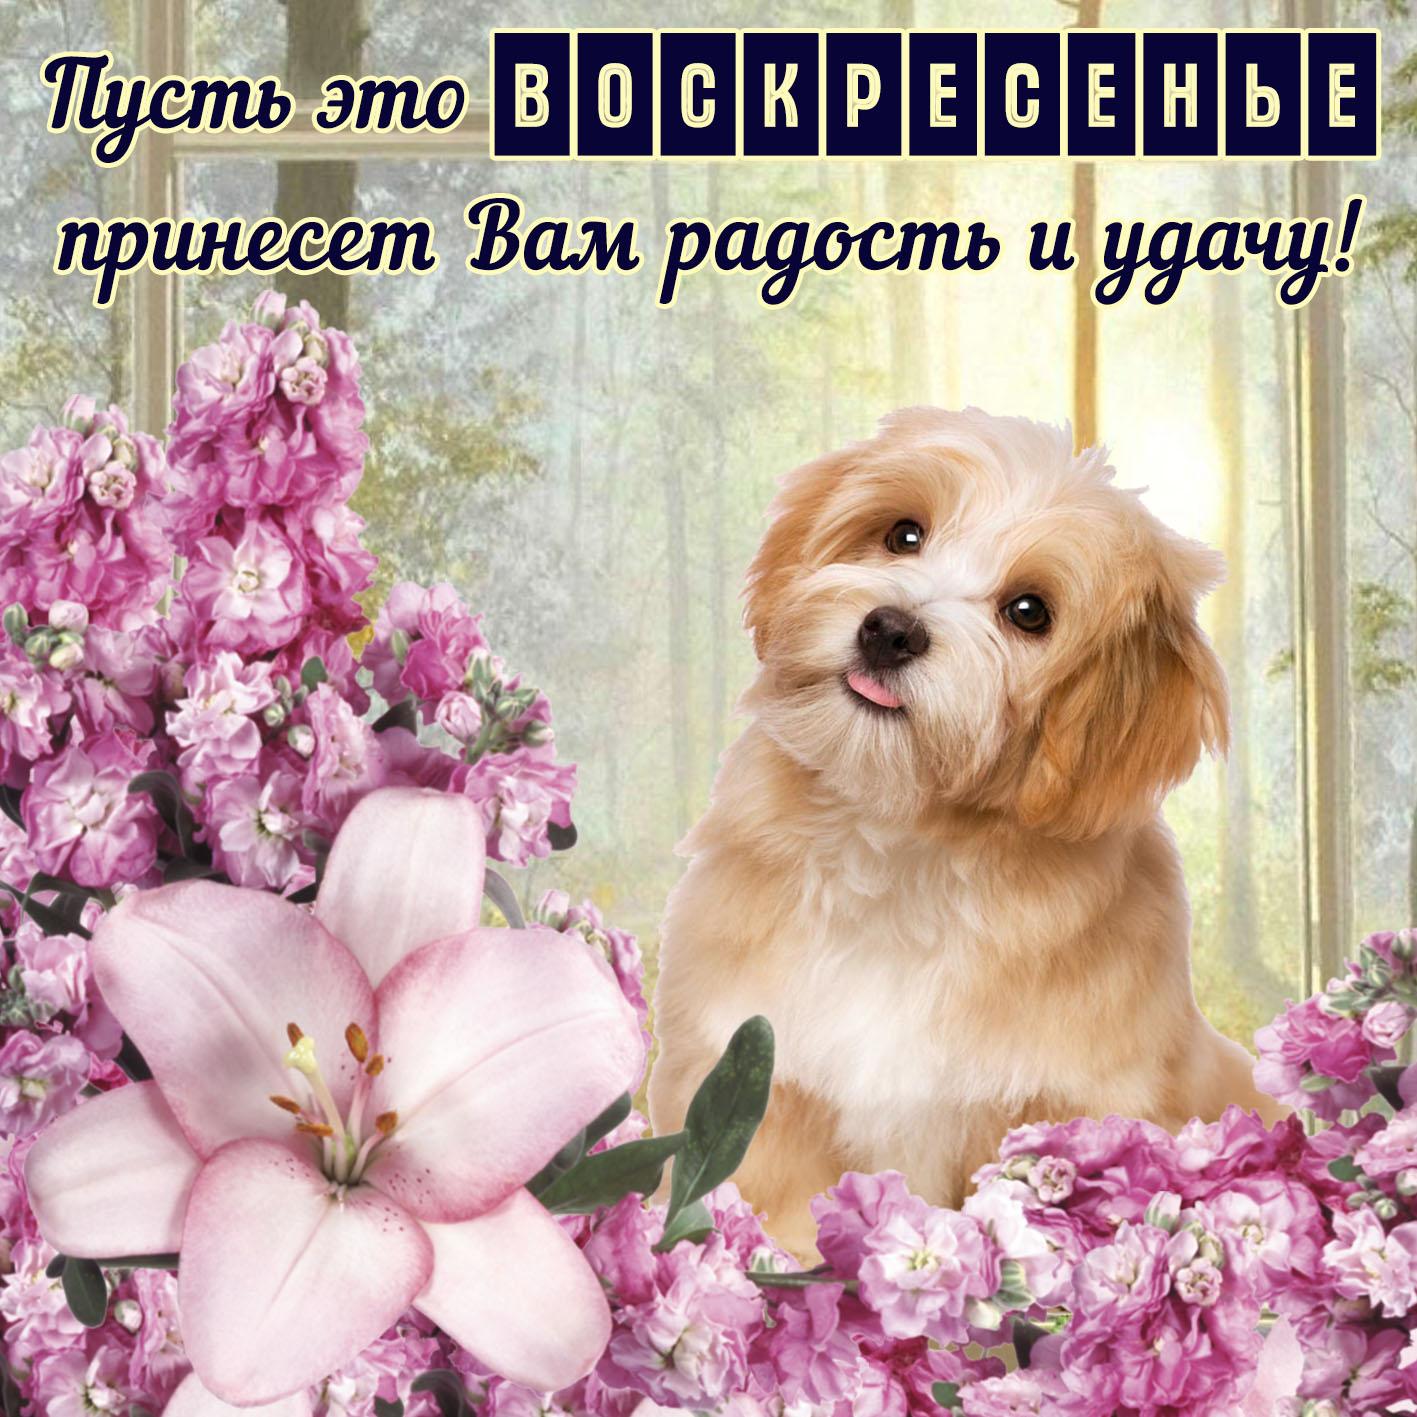 Открытка на воскресенье - забавная собачка в окружении цветов